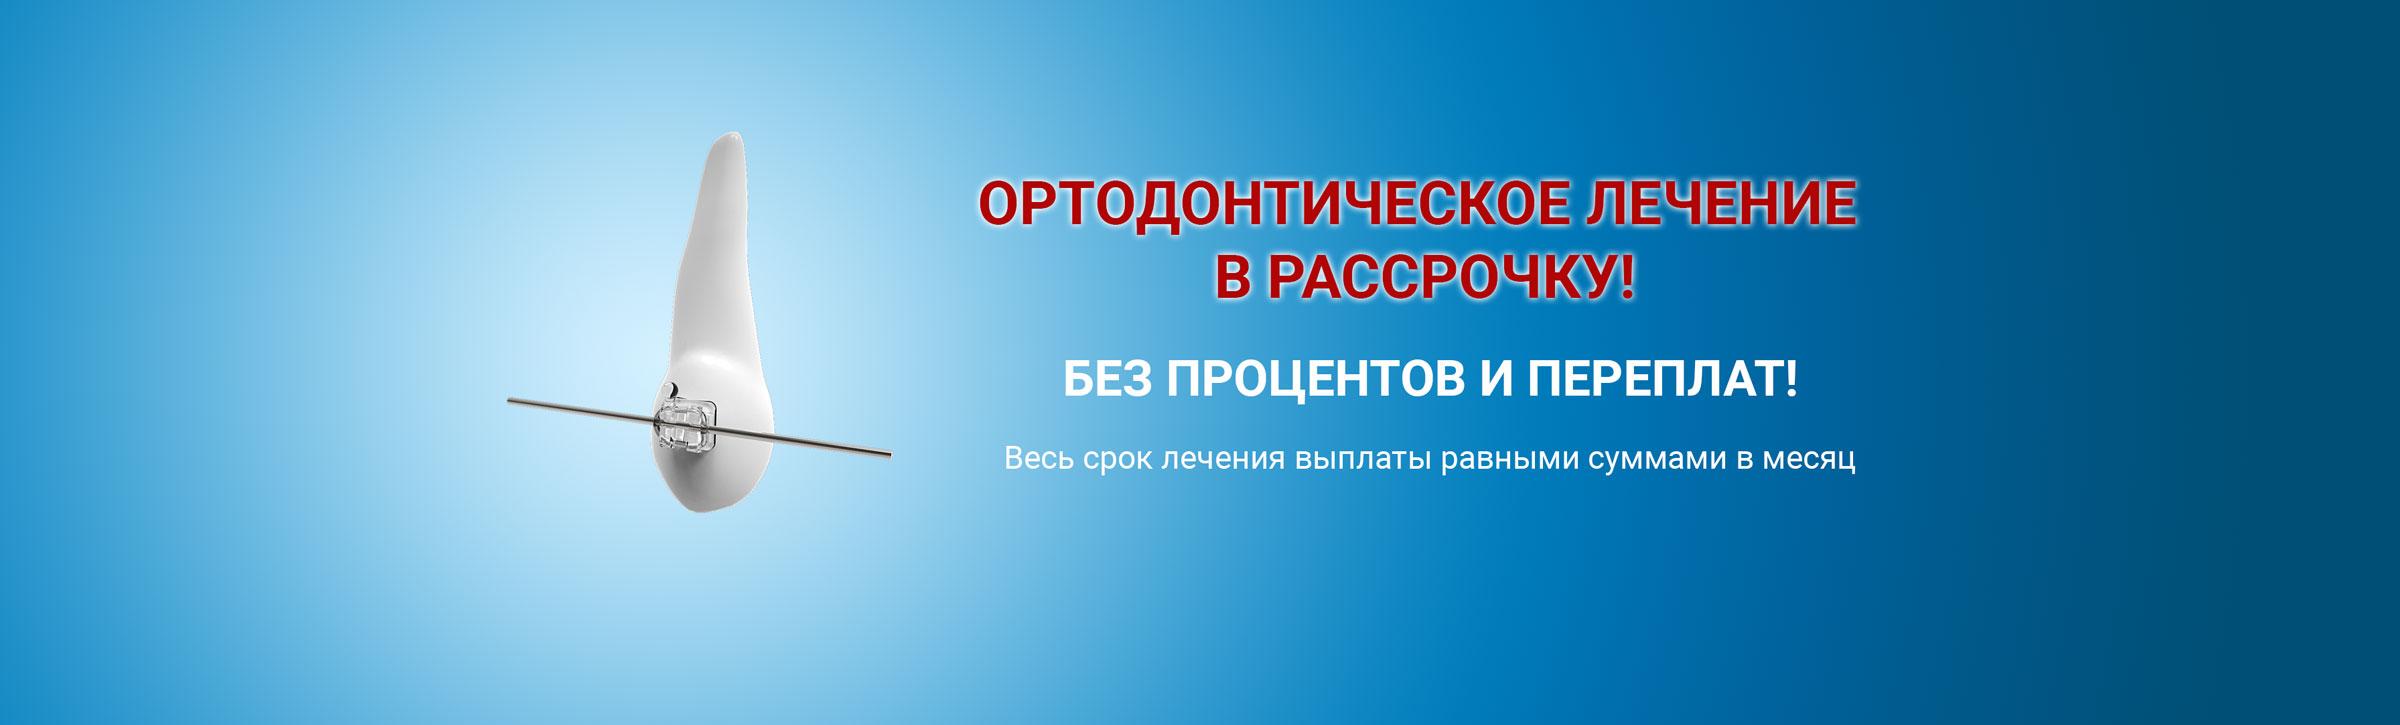 акция ортодонтия в рассрочку стоматология